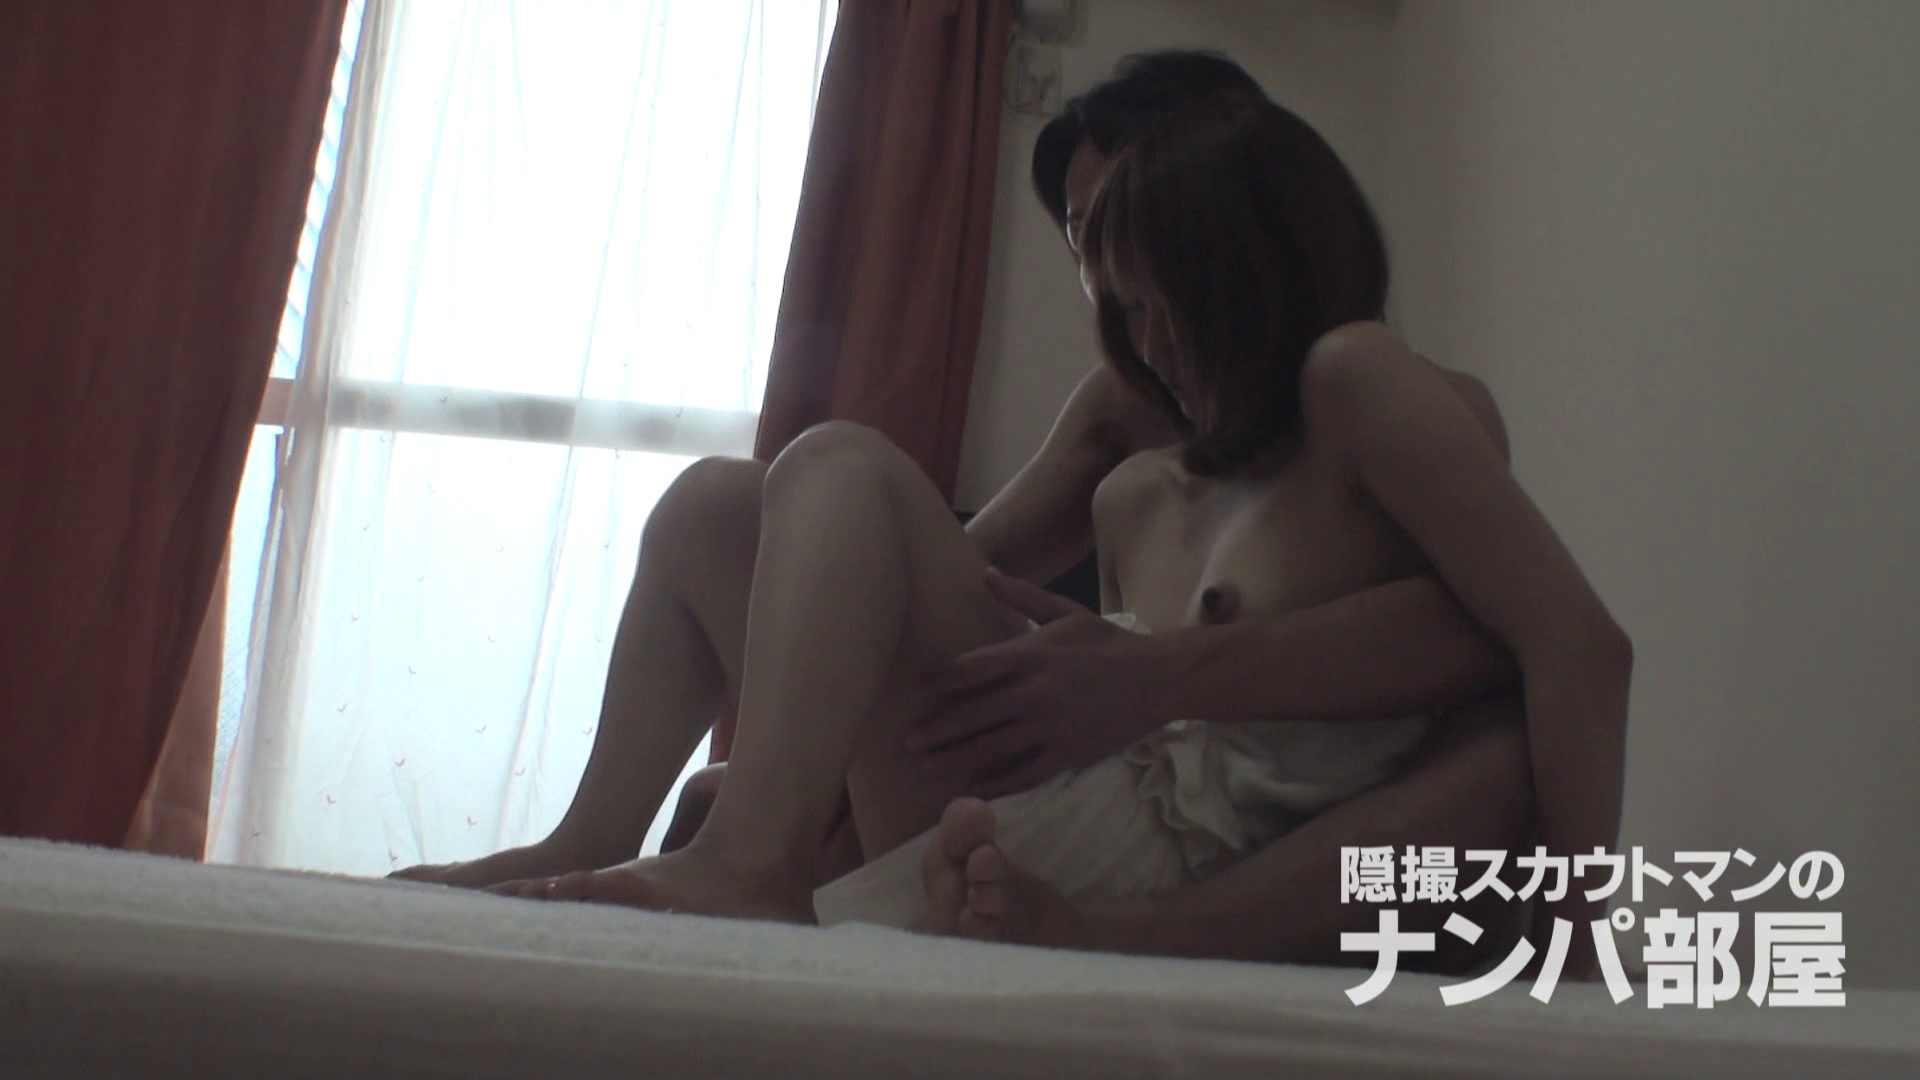 隠撮スカウトマンのナンパ部屋~風俗デビュー前のつまみ食い~ sii 脱衣所 | 隠撮  68画像 51